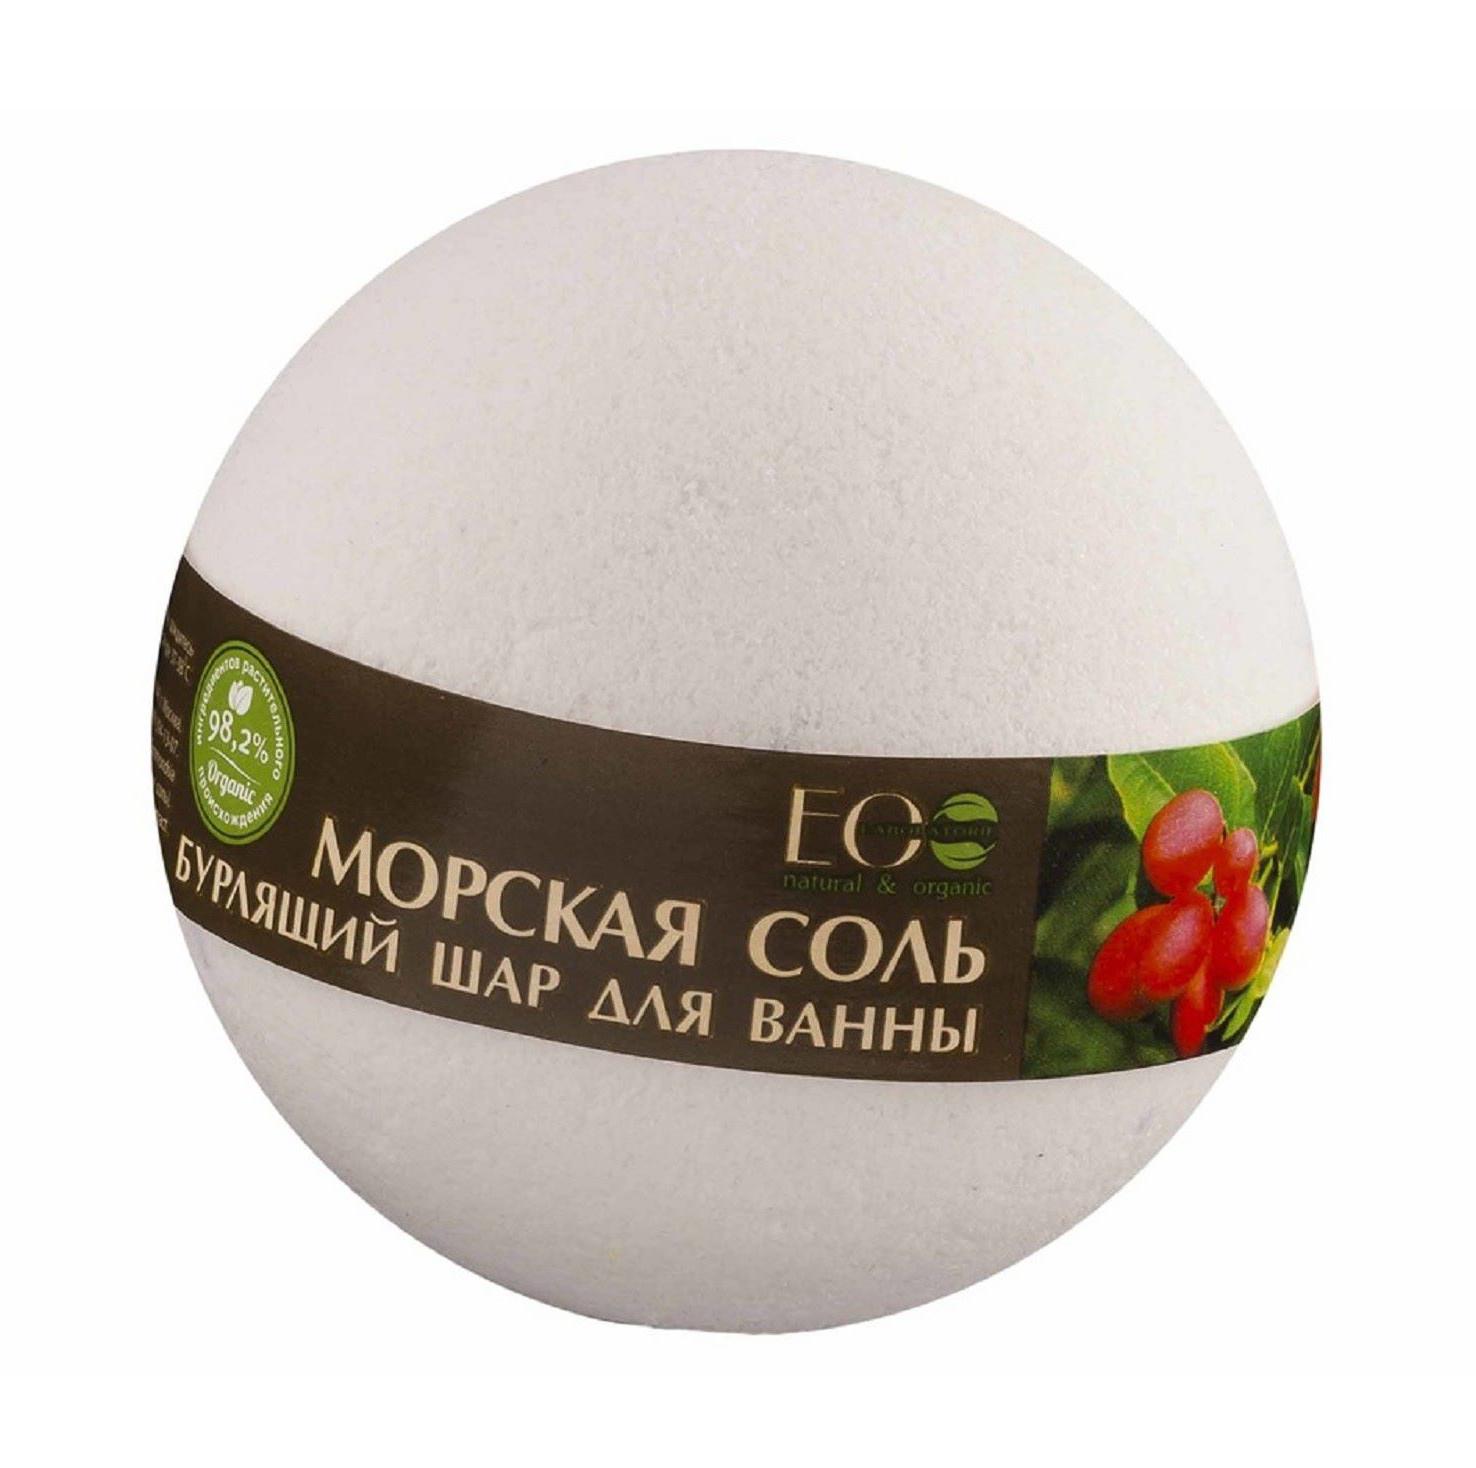 Купить Бурлящий Шар Для Ванны Ягоды Асаи И Годжи 220 Г, Ecolab